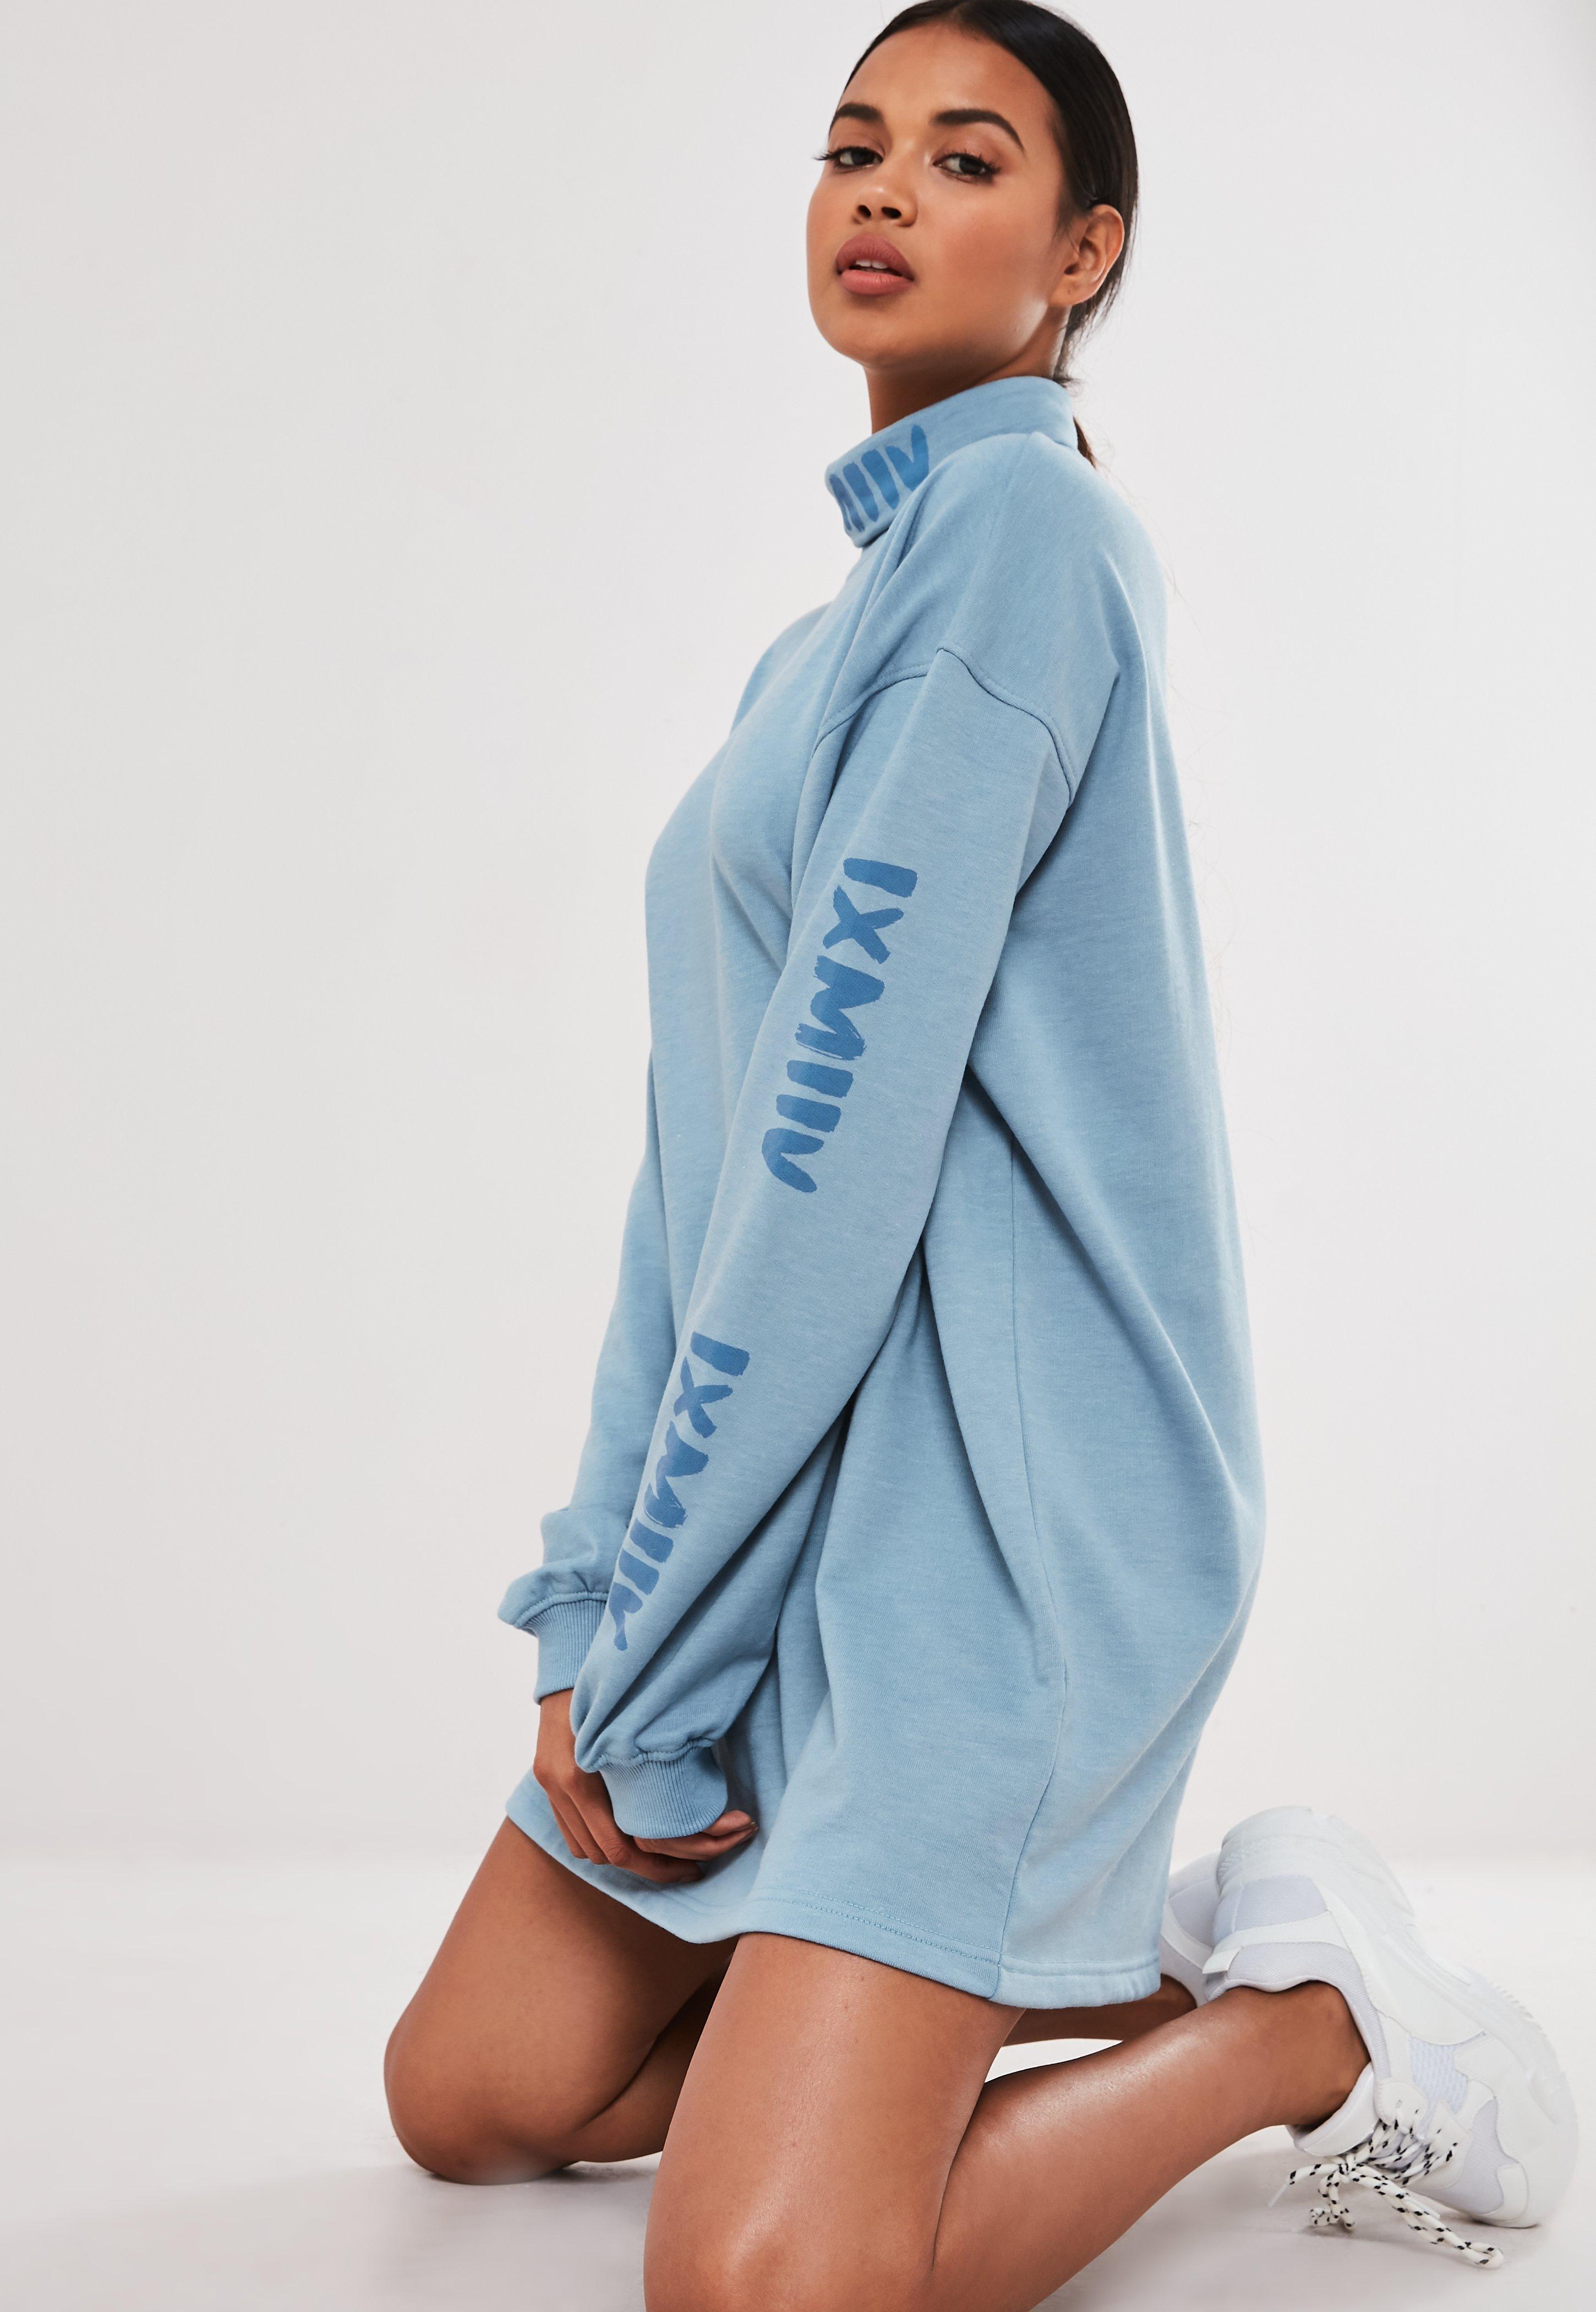 detallado 4d6d8 235d3 Vestido sudadera de cuello vuelto con grafismo en azul